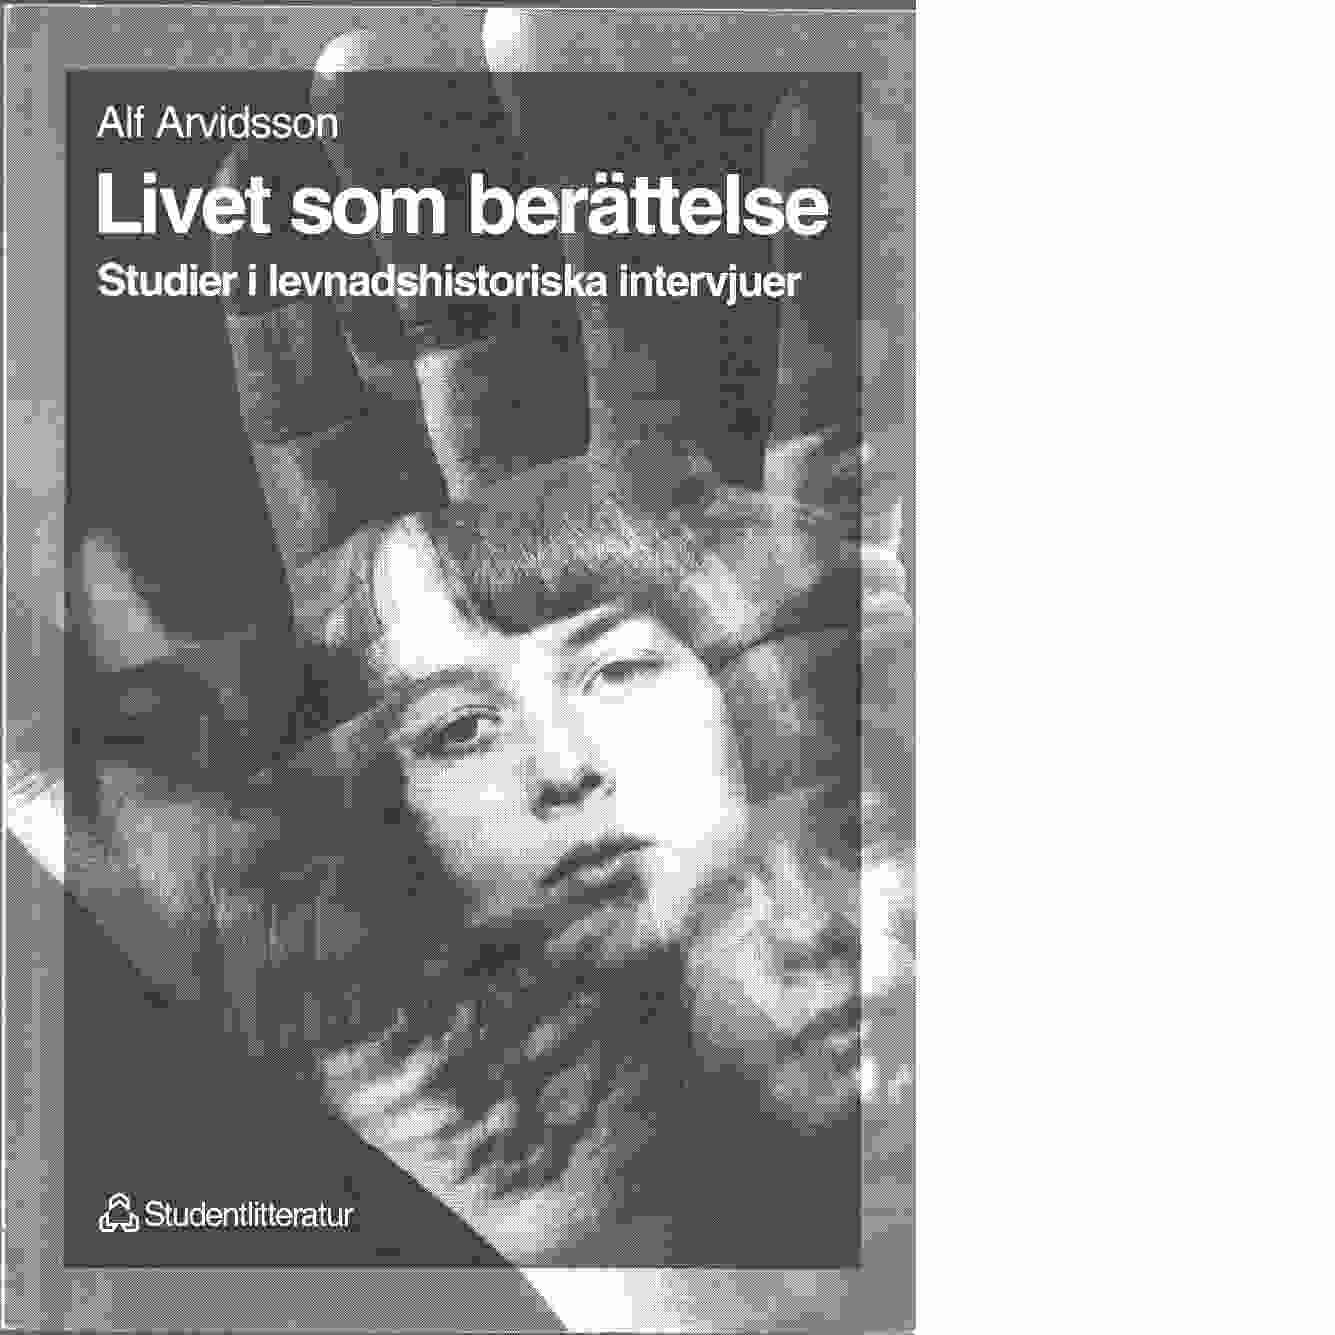 Livet som berättelse : studier i levnadshistoriska intervjuer - Arvidsson, Alf